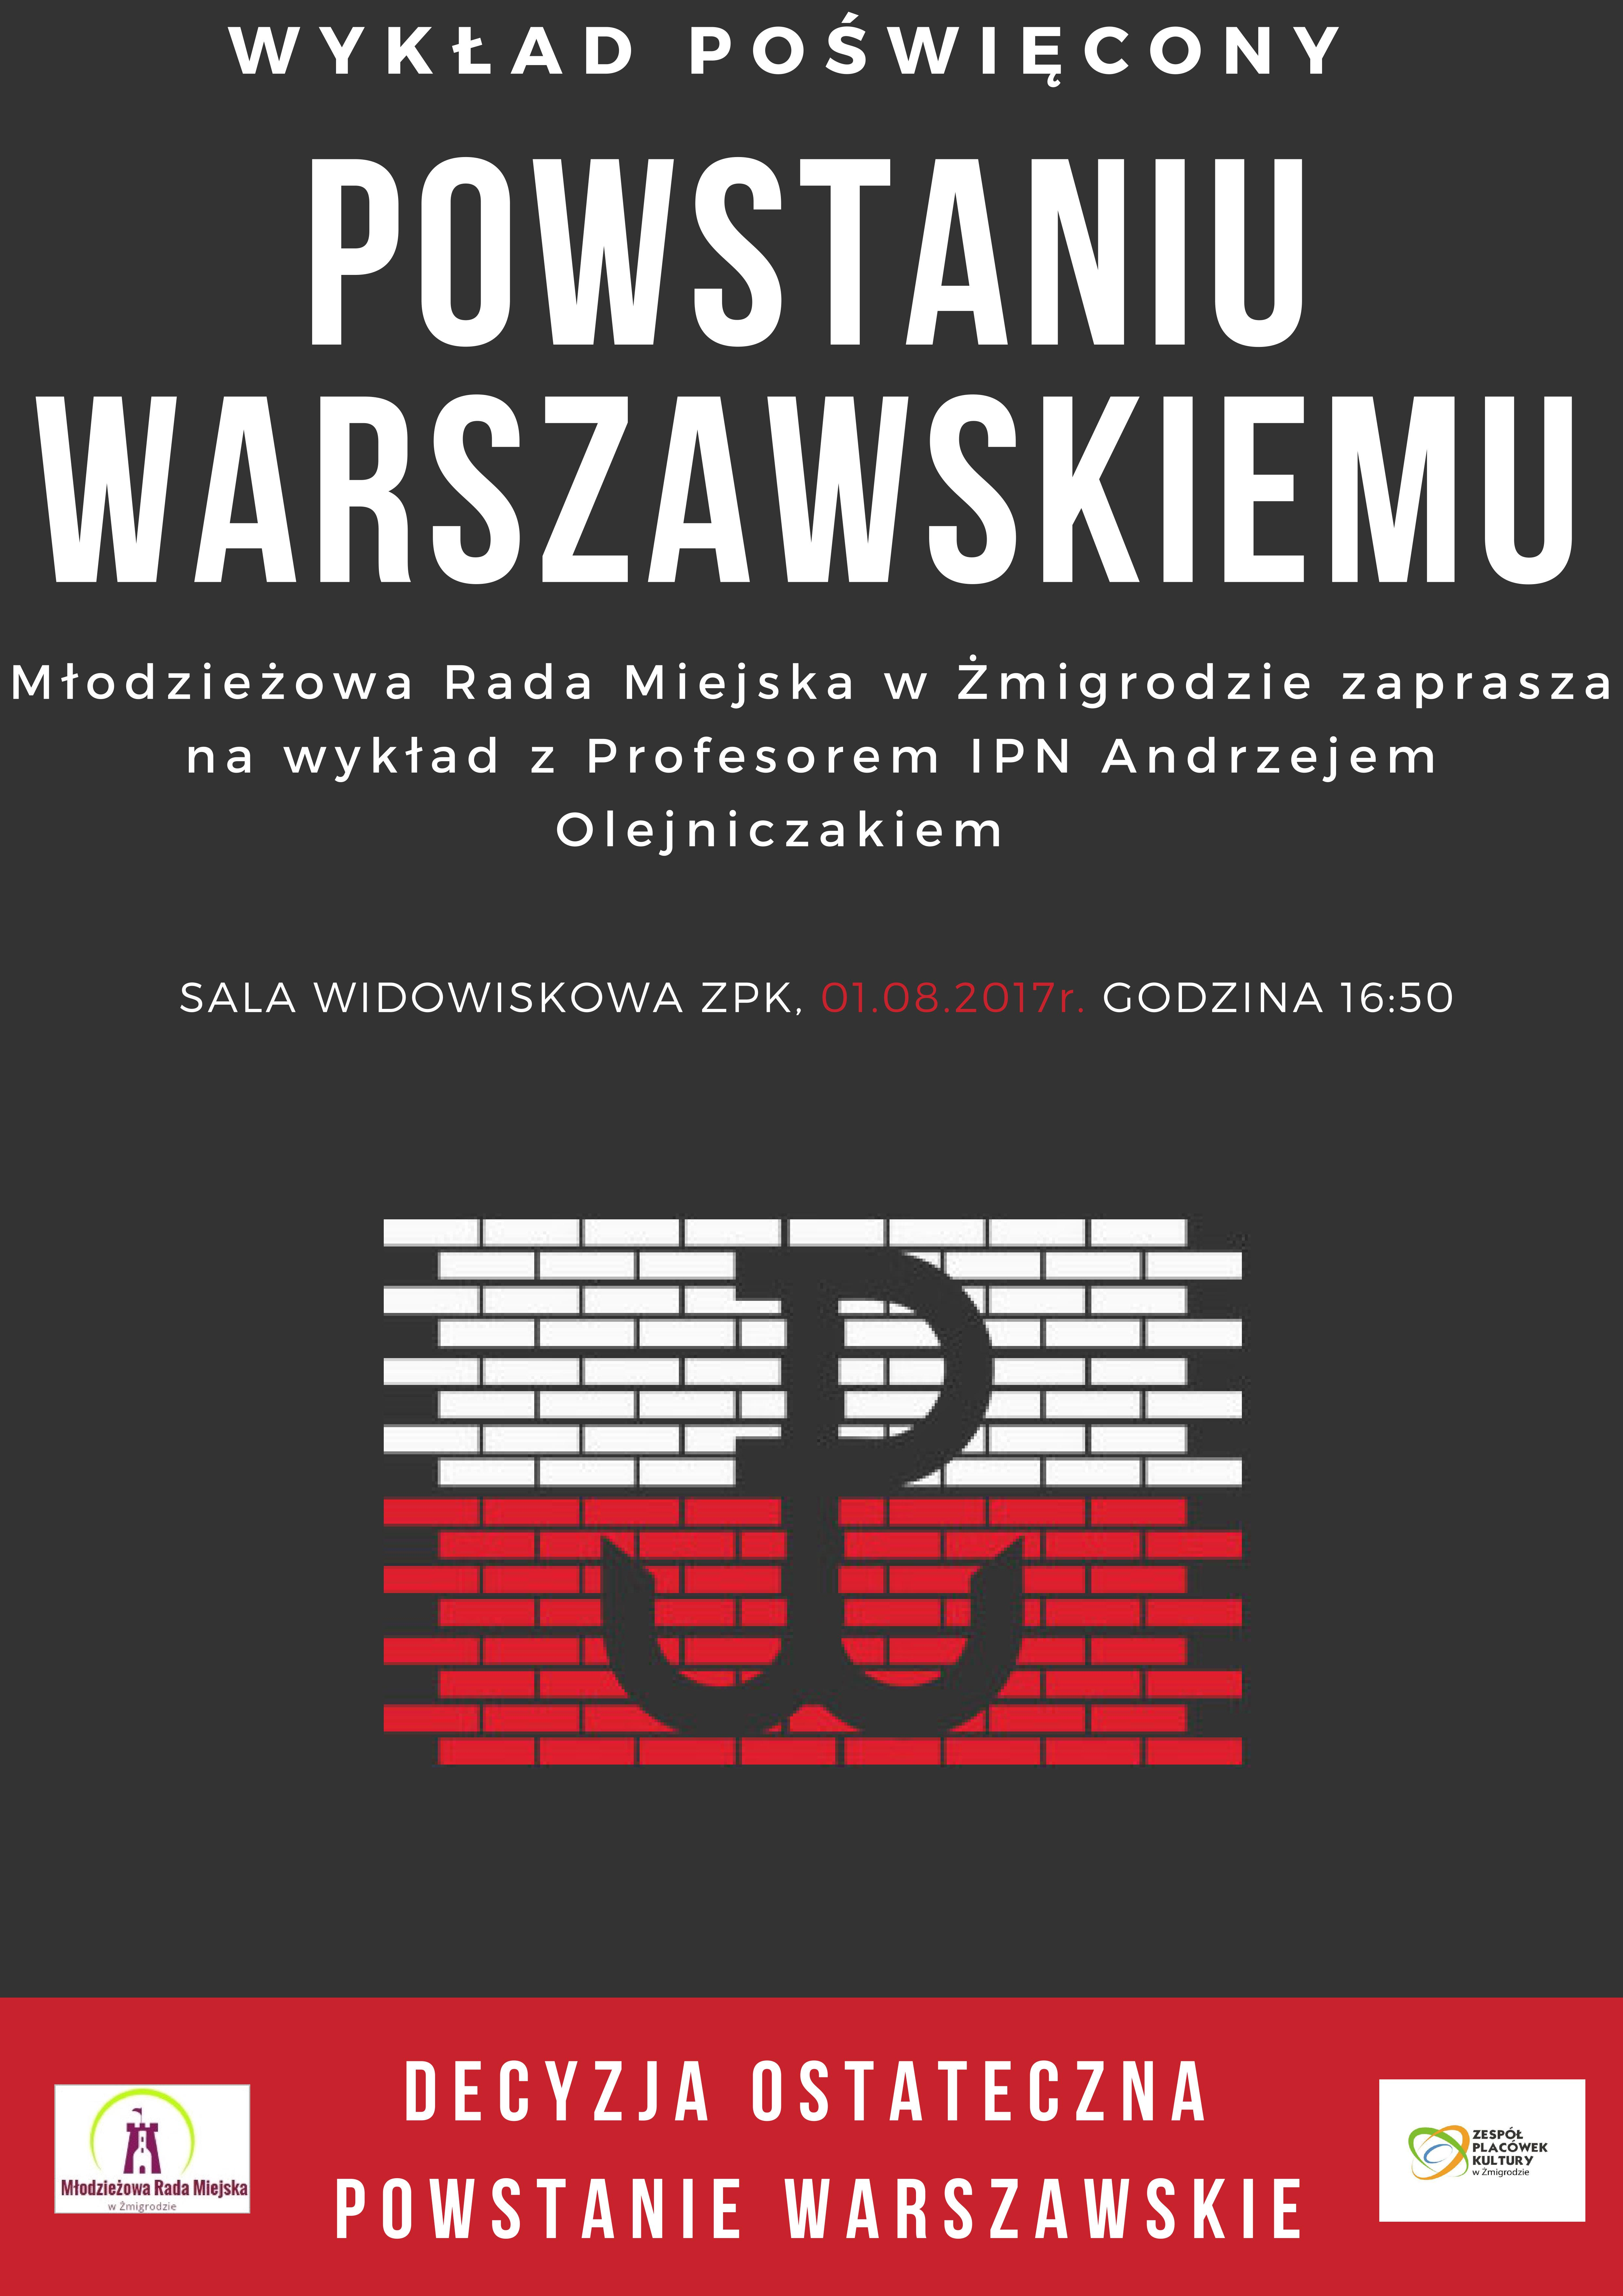 Wykład poświęcony Powstaniu Warszawskiemu